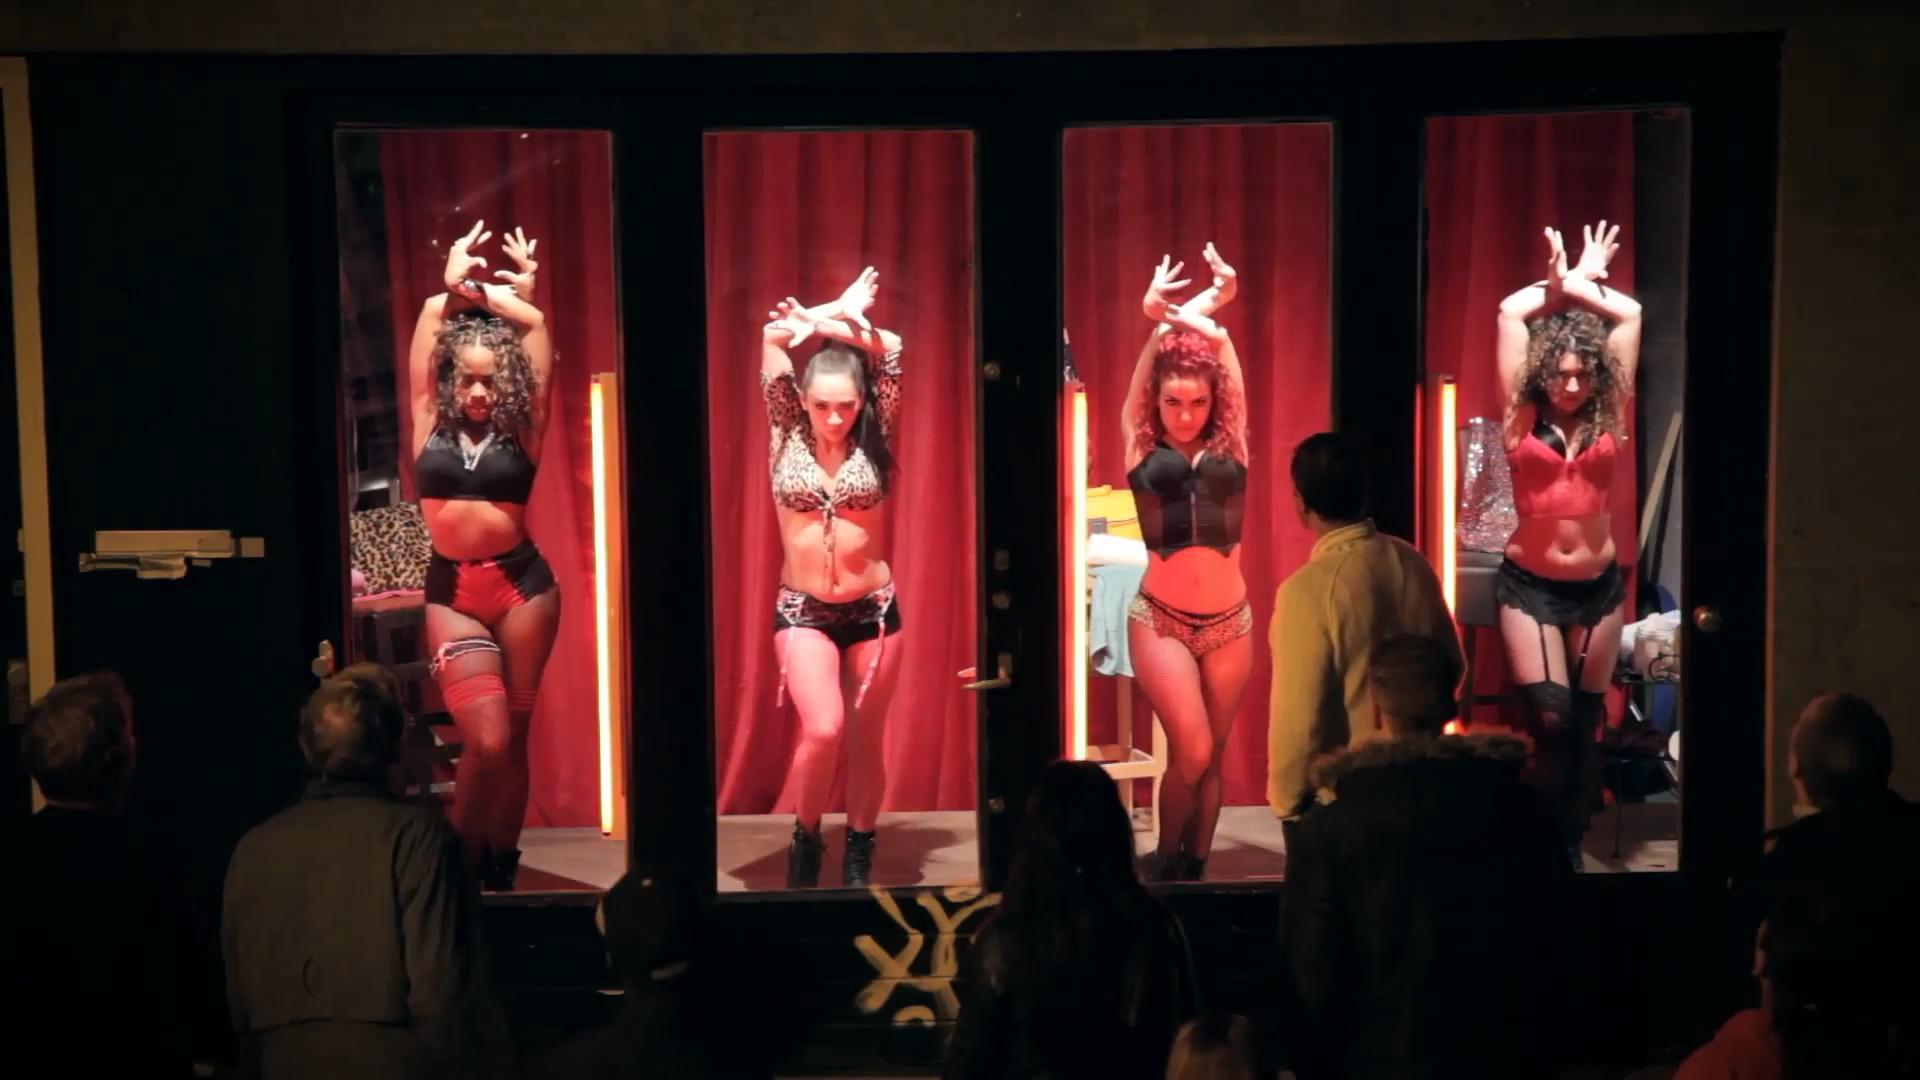 Проститутки шоп запах проститутки